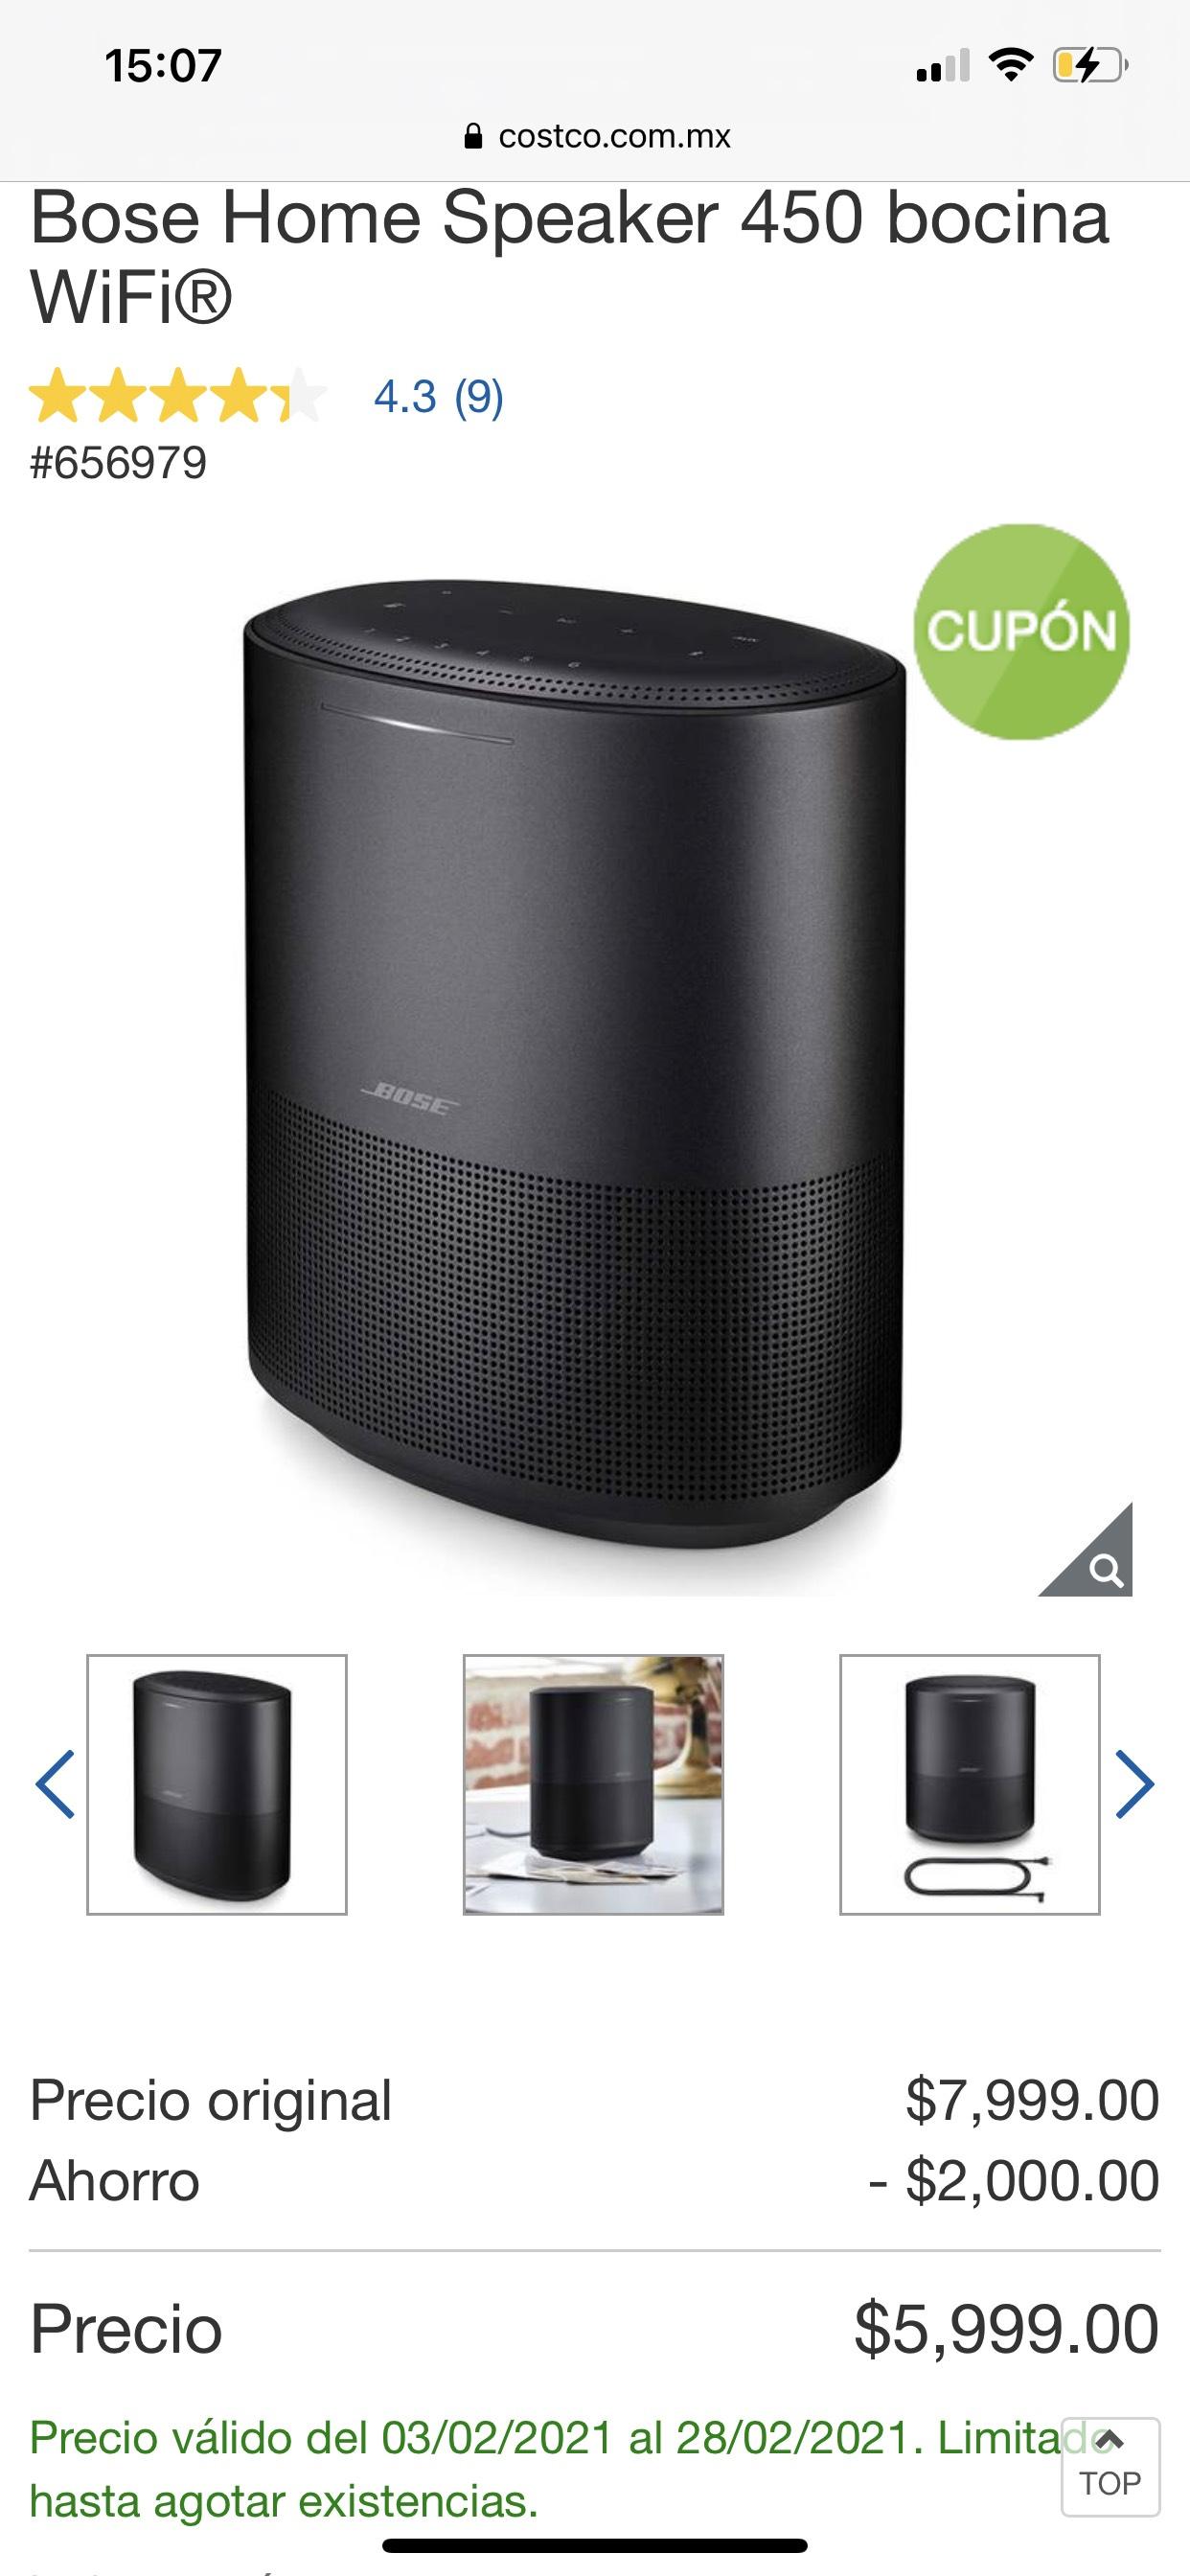 Costco: Bose home speaker 450